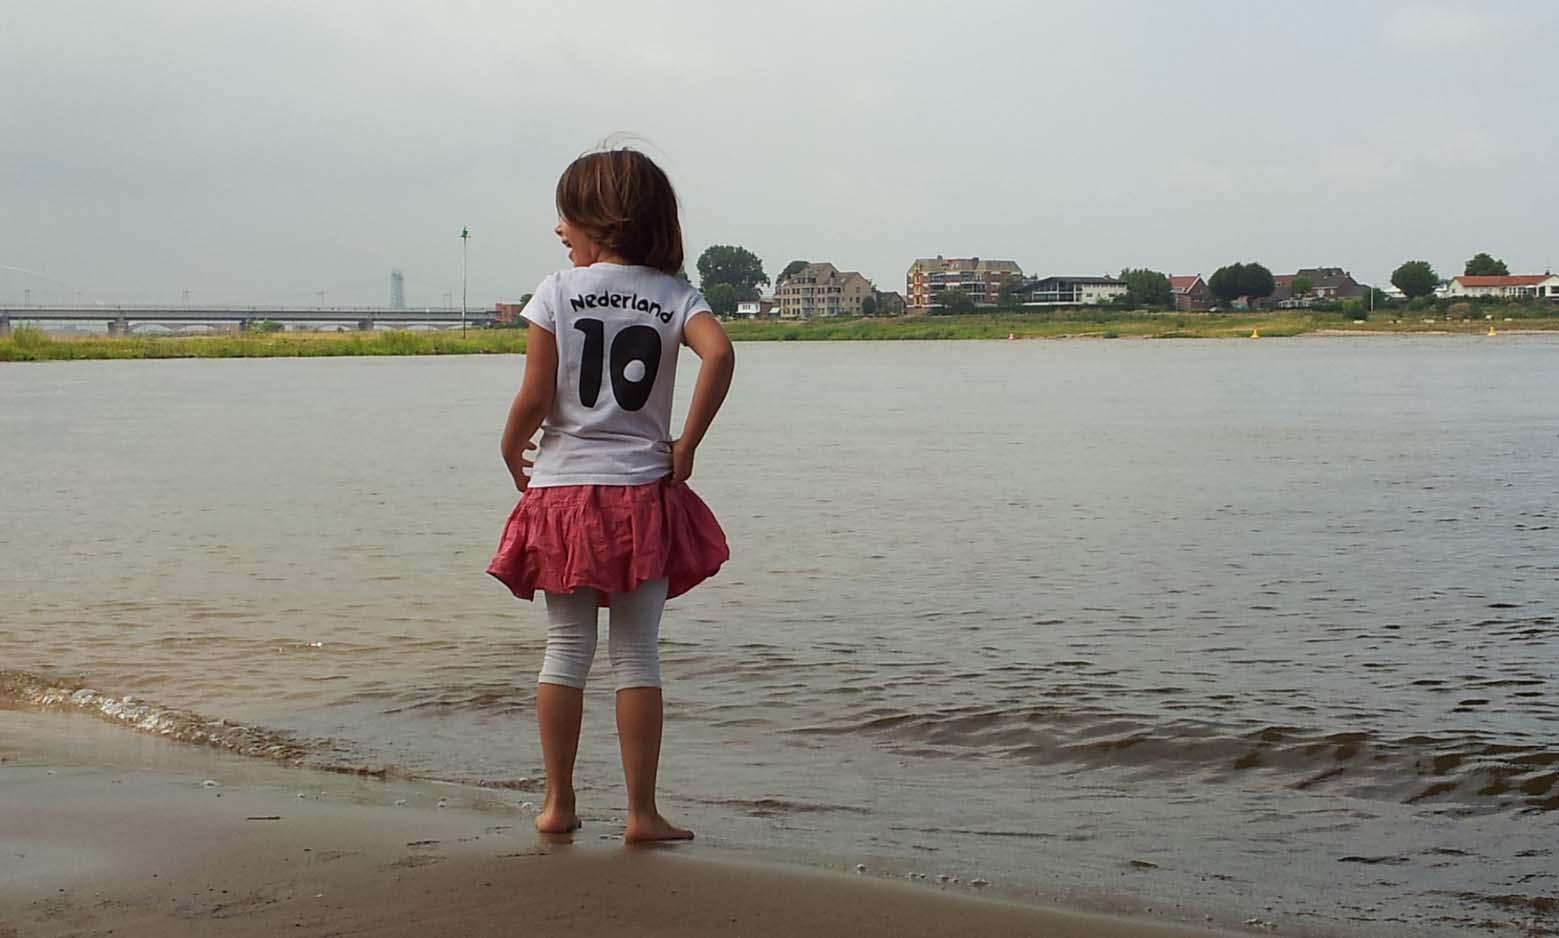 De kaaij kind aan strand NL10